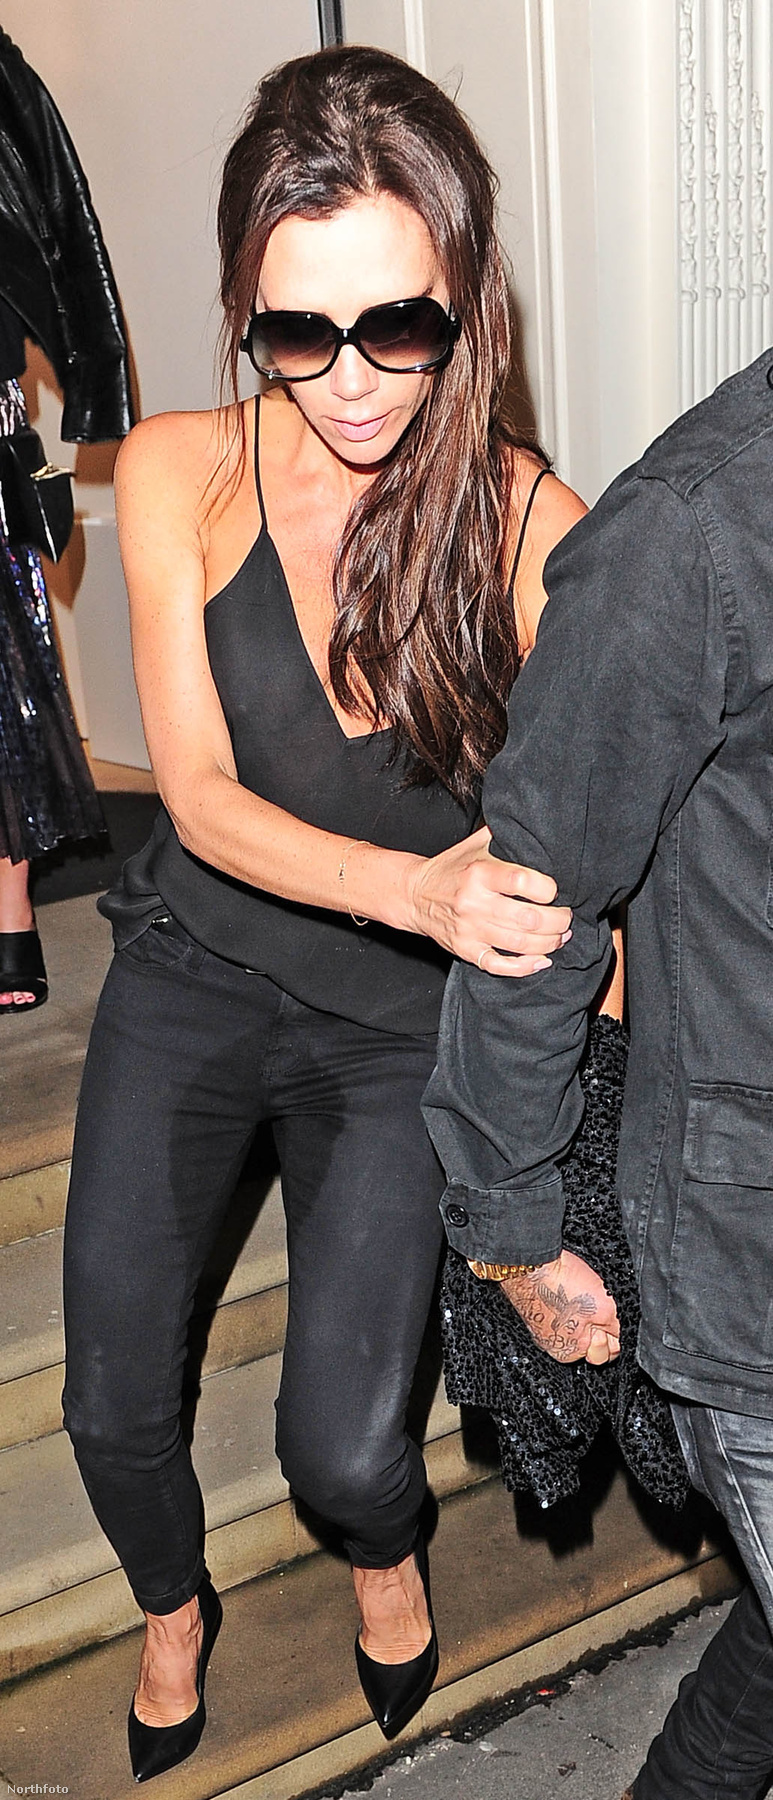 De a legdurvább mégis csak az a rejtélyes folt volt Victoria Beckham nadrágján